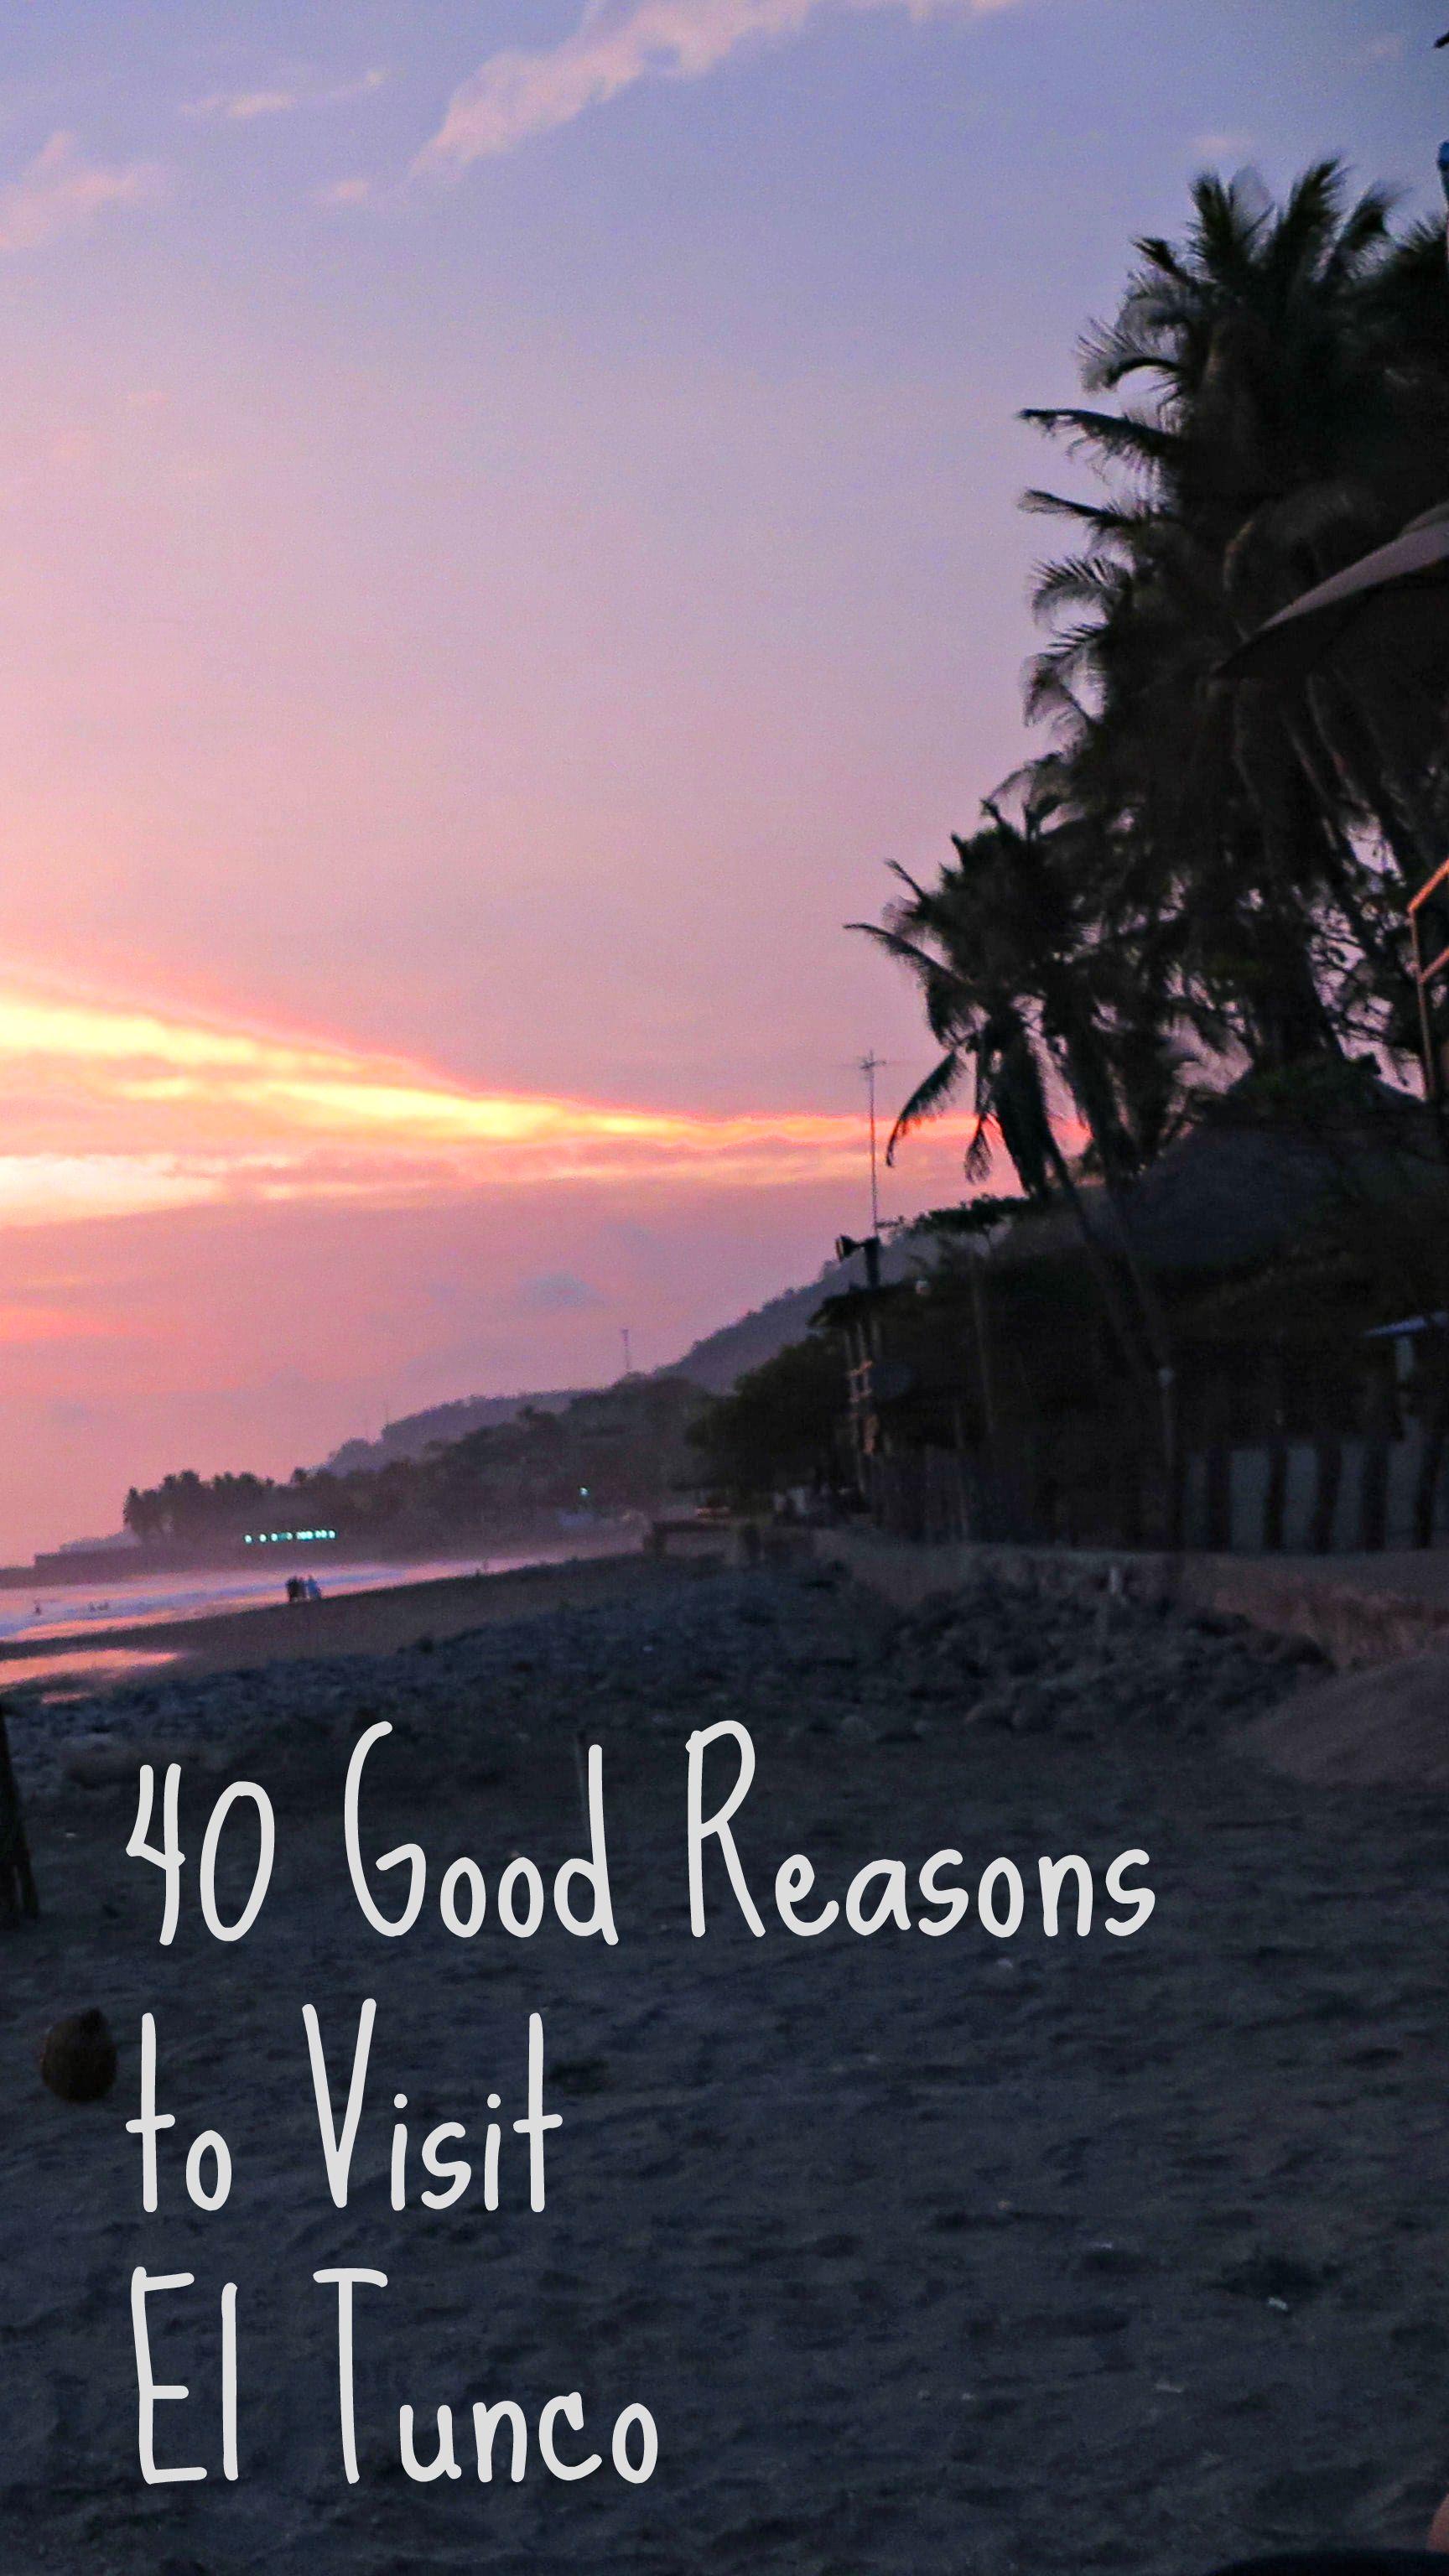 40 Good Reasons To Love El Tunco El Salvador With Images El